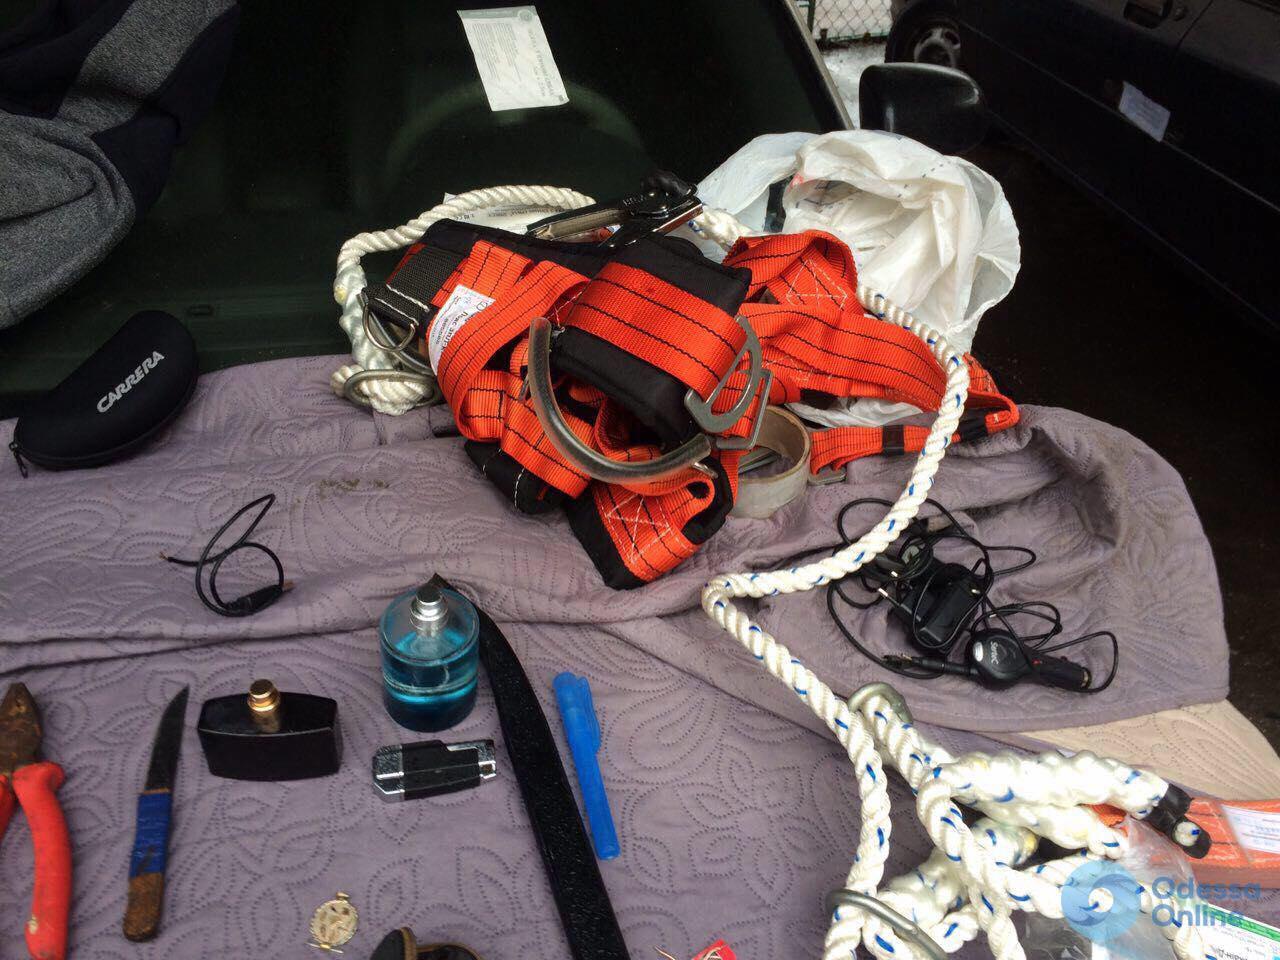 Правоохранители задержали двух воров-«альпинистов» в Одессе (фото)